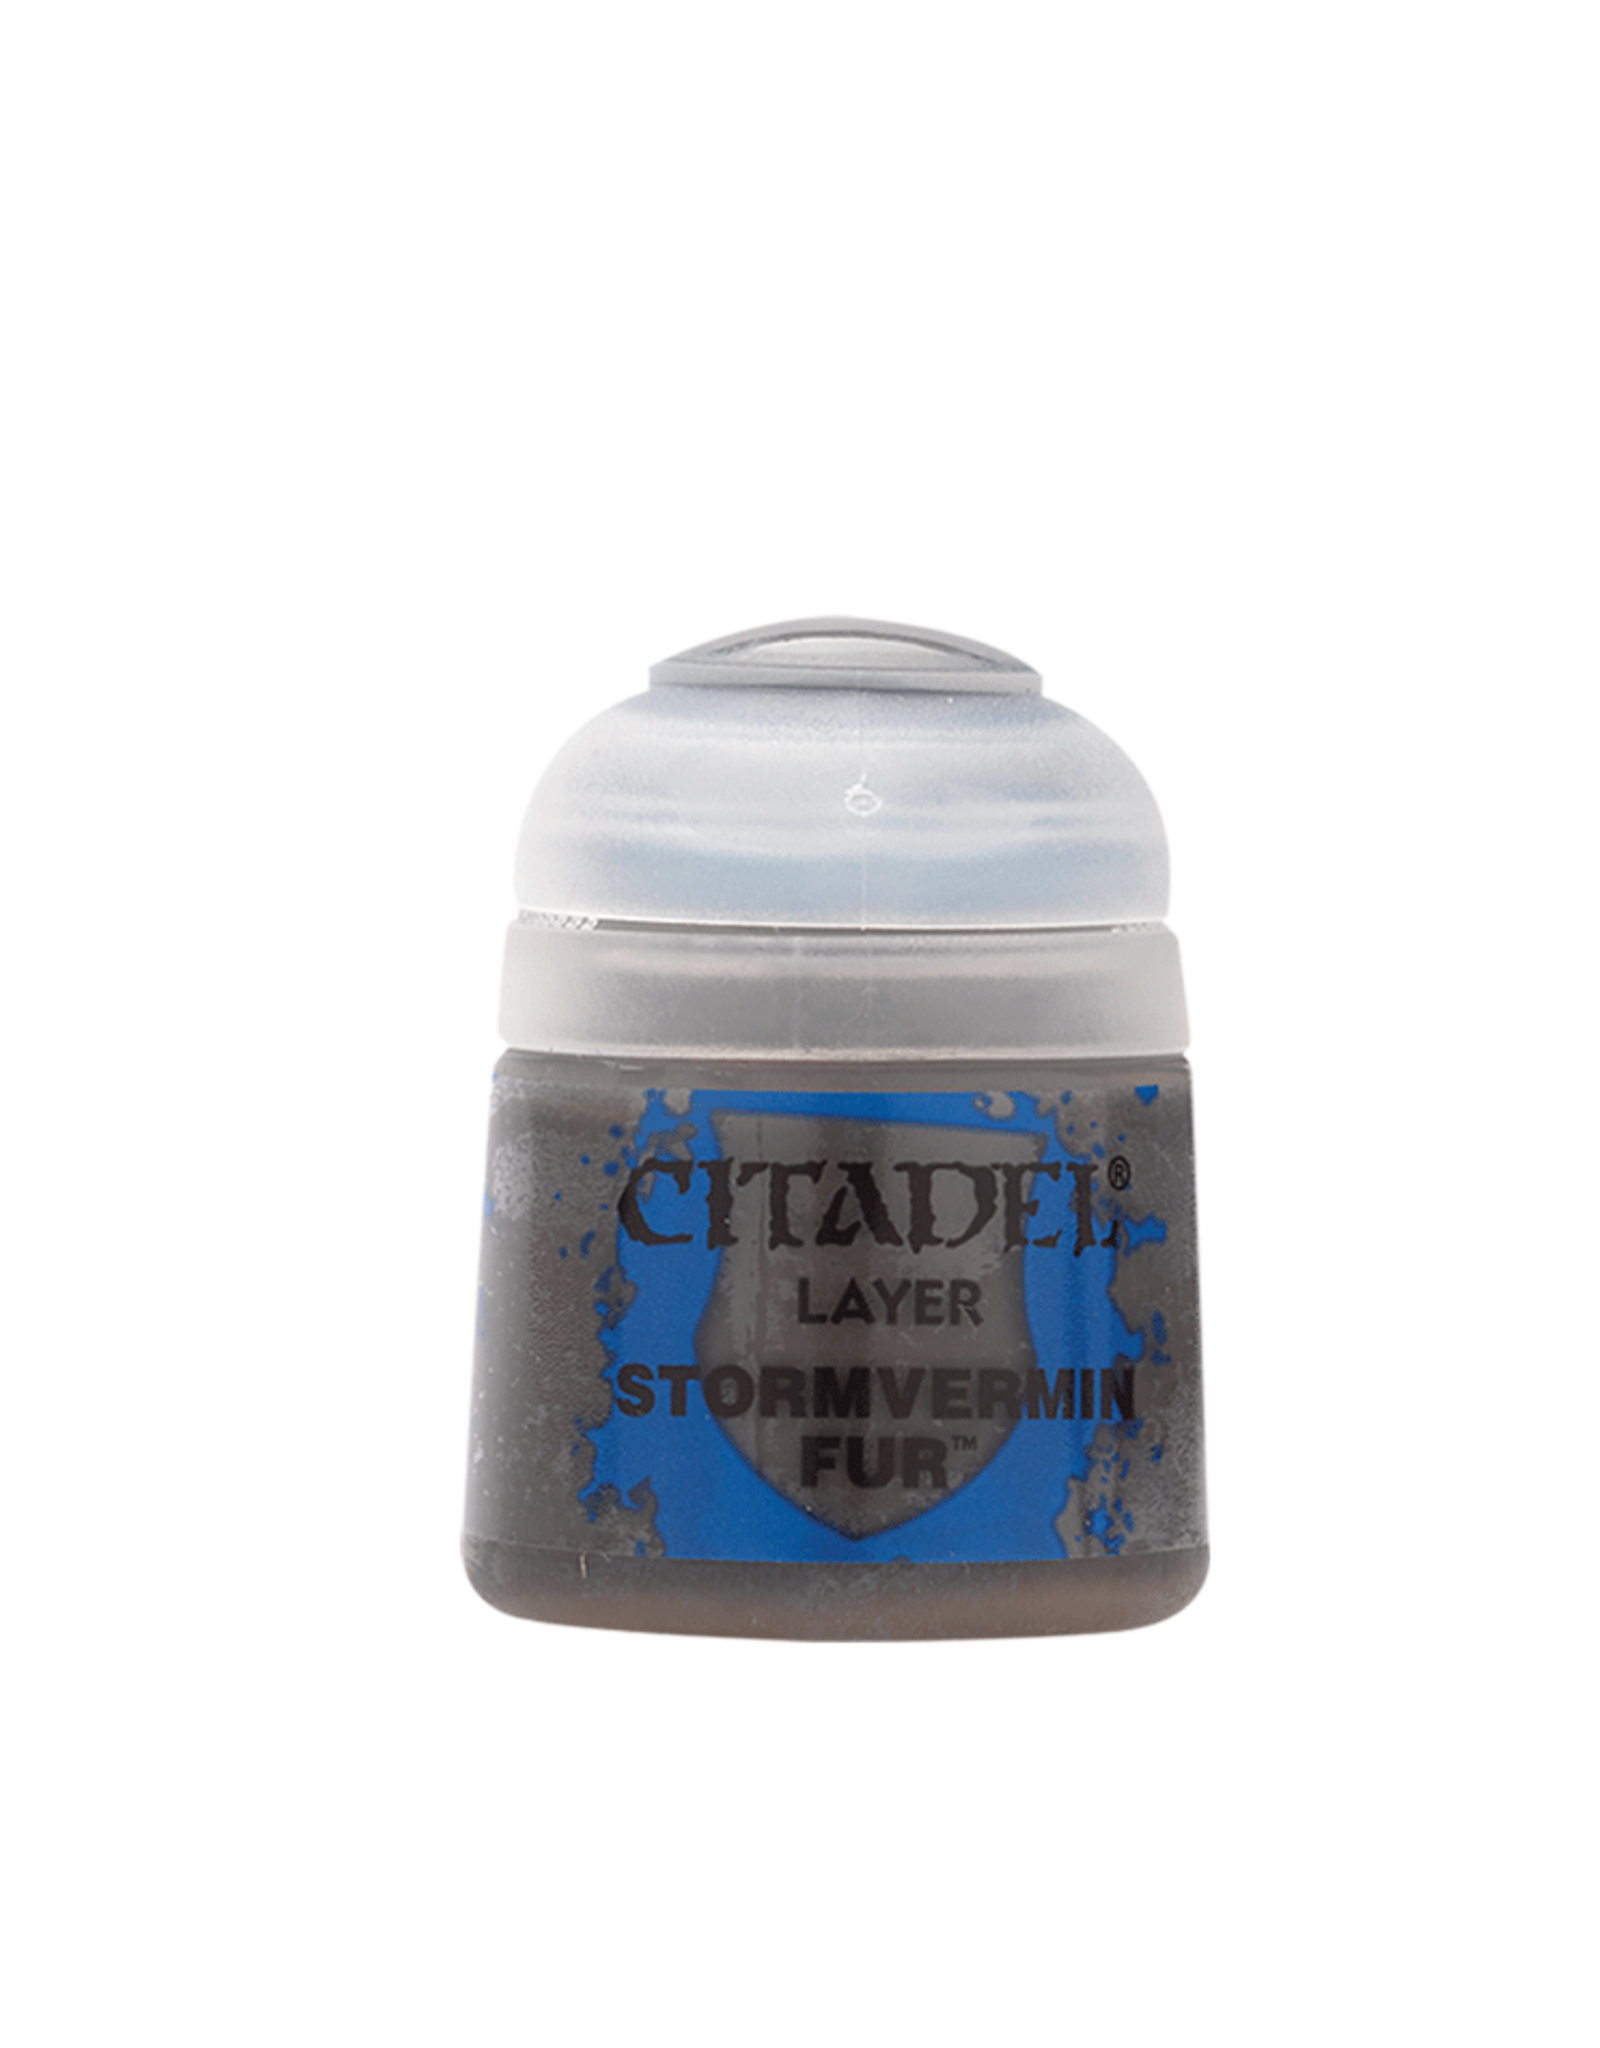 Citadel Citadel Layer: Stormvermin Fur (12ml)